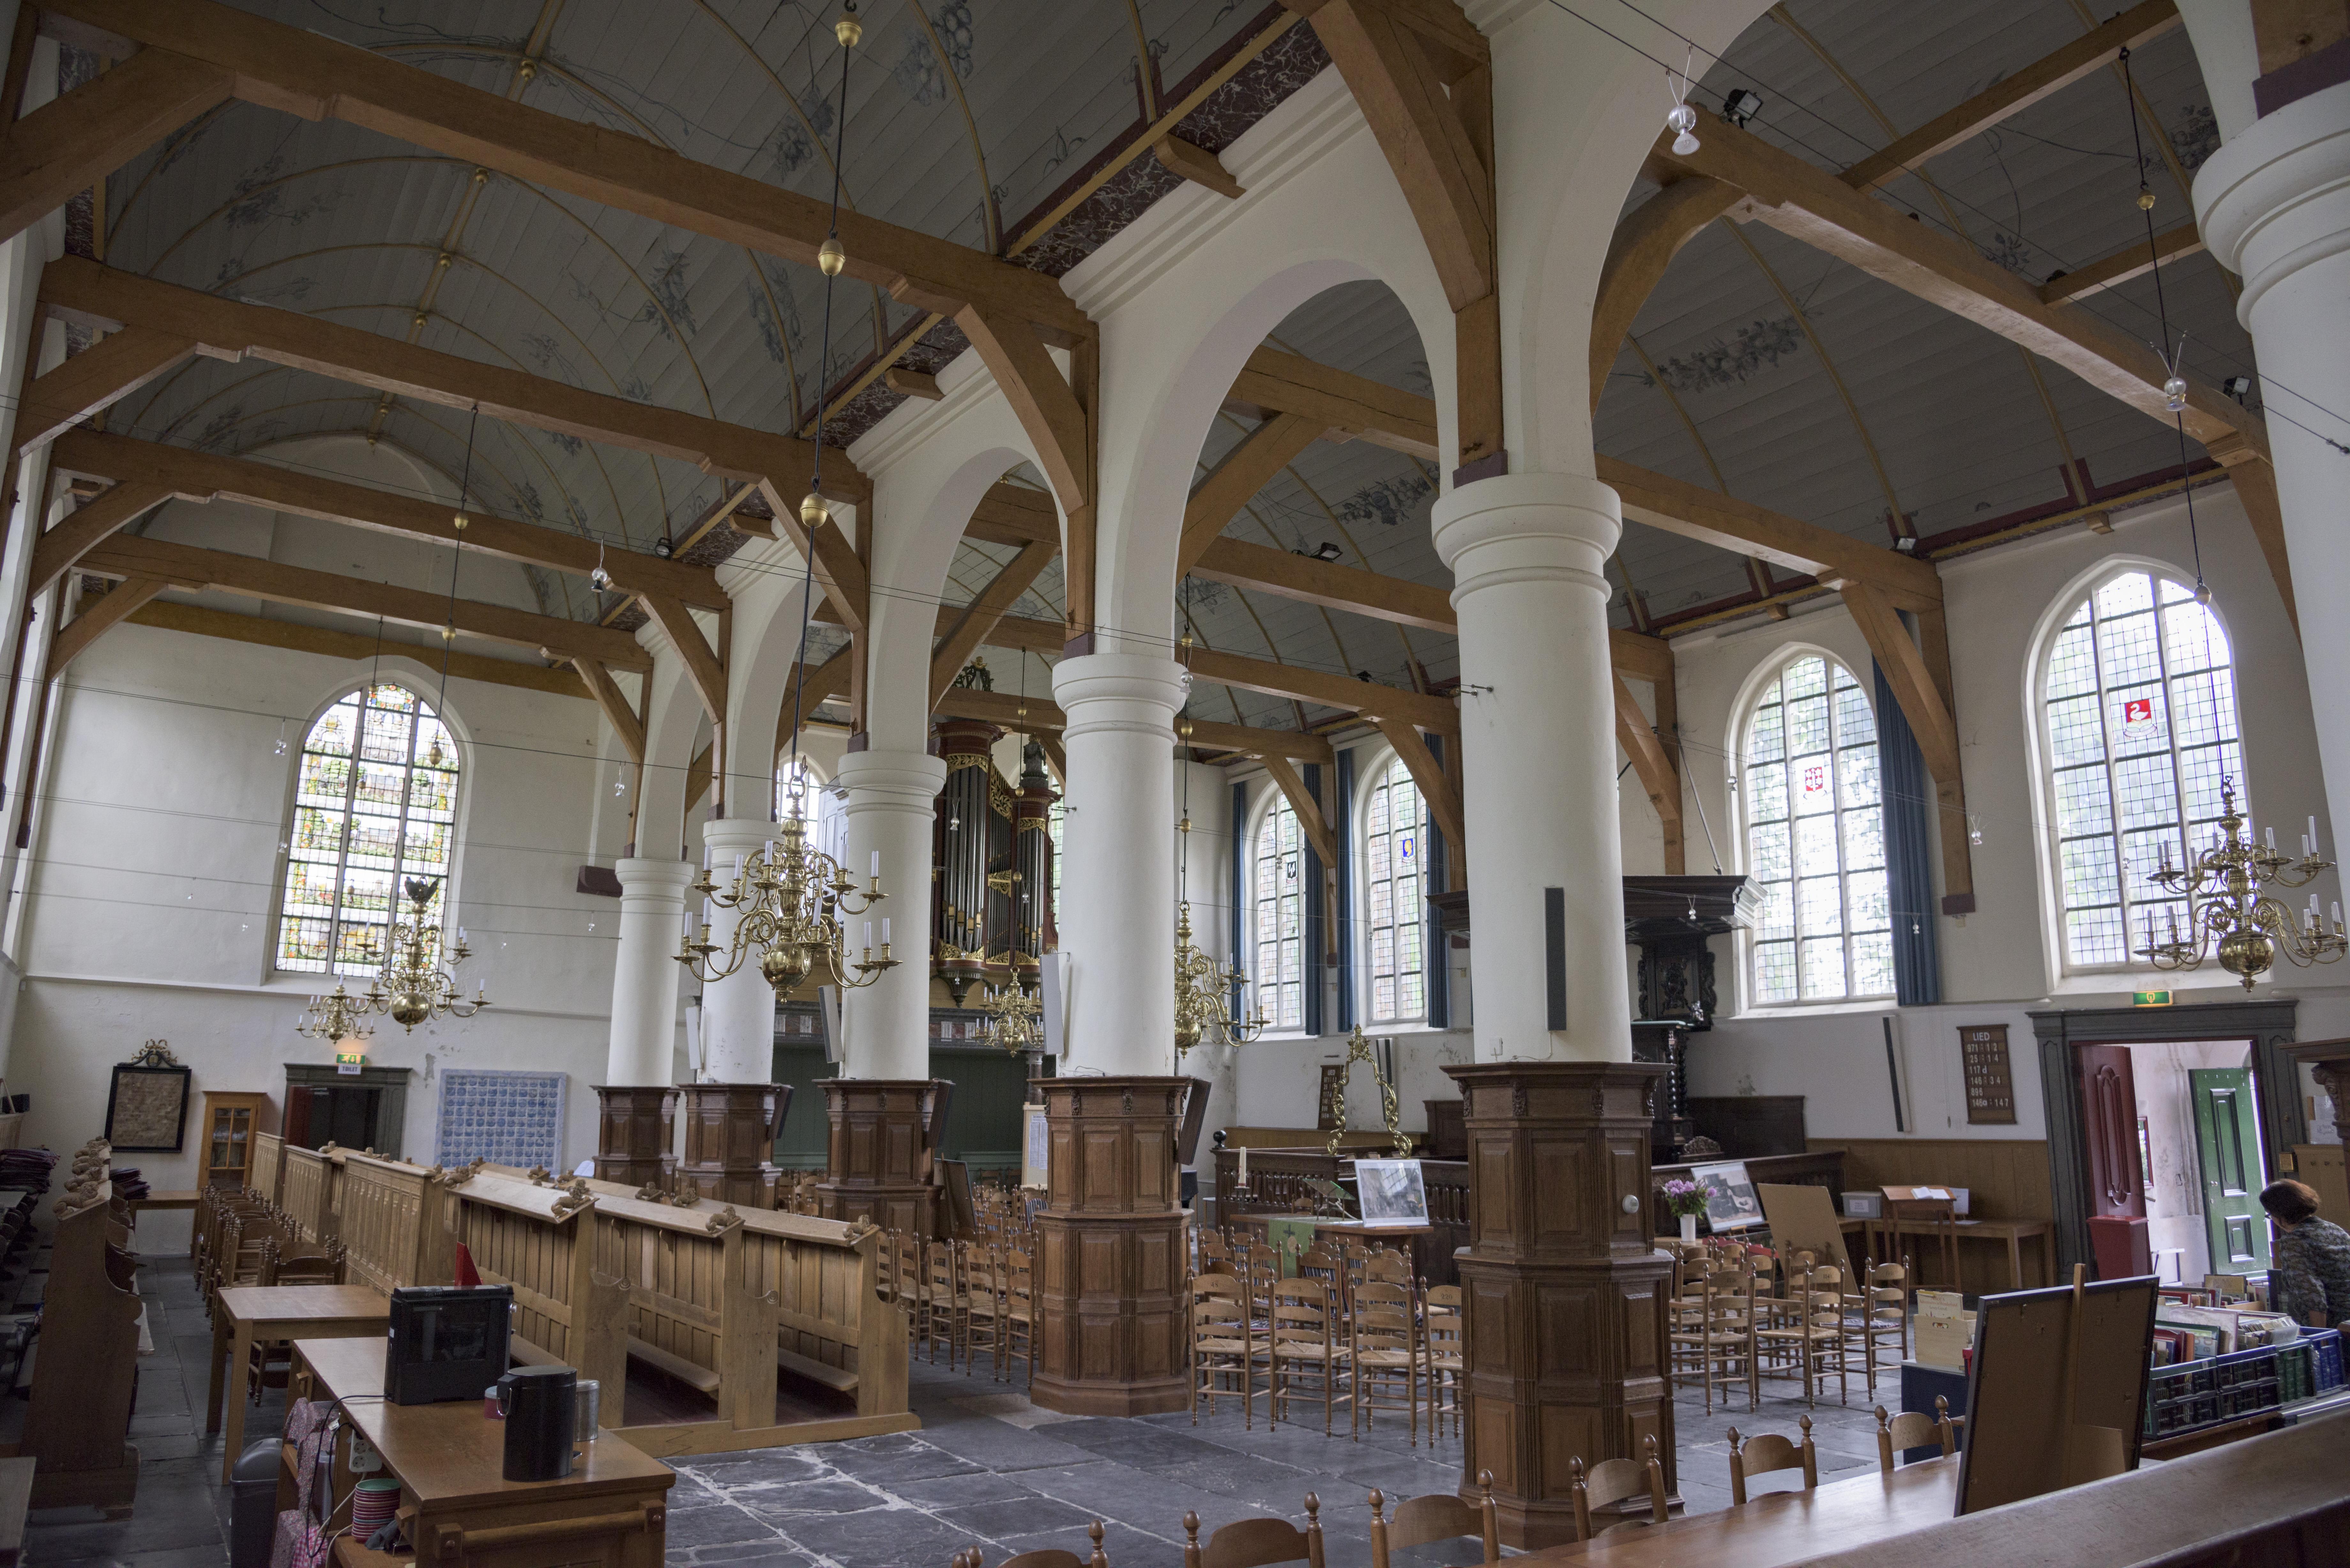 Interieur Broeker Kerk%2C Broek in Waterland hnapel 003 - Broeker Kerk Broek In Waterland